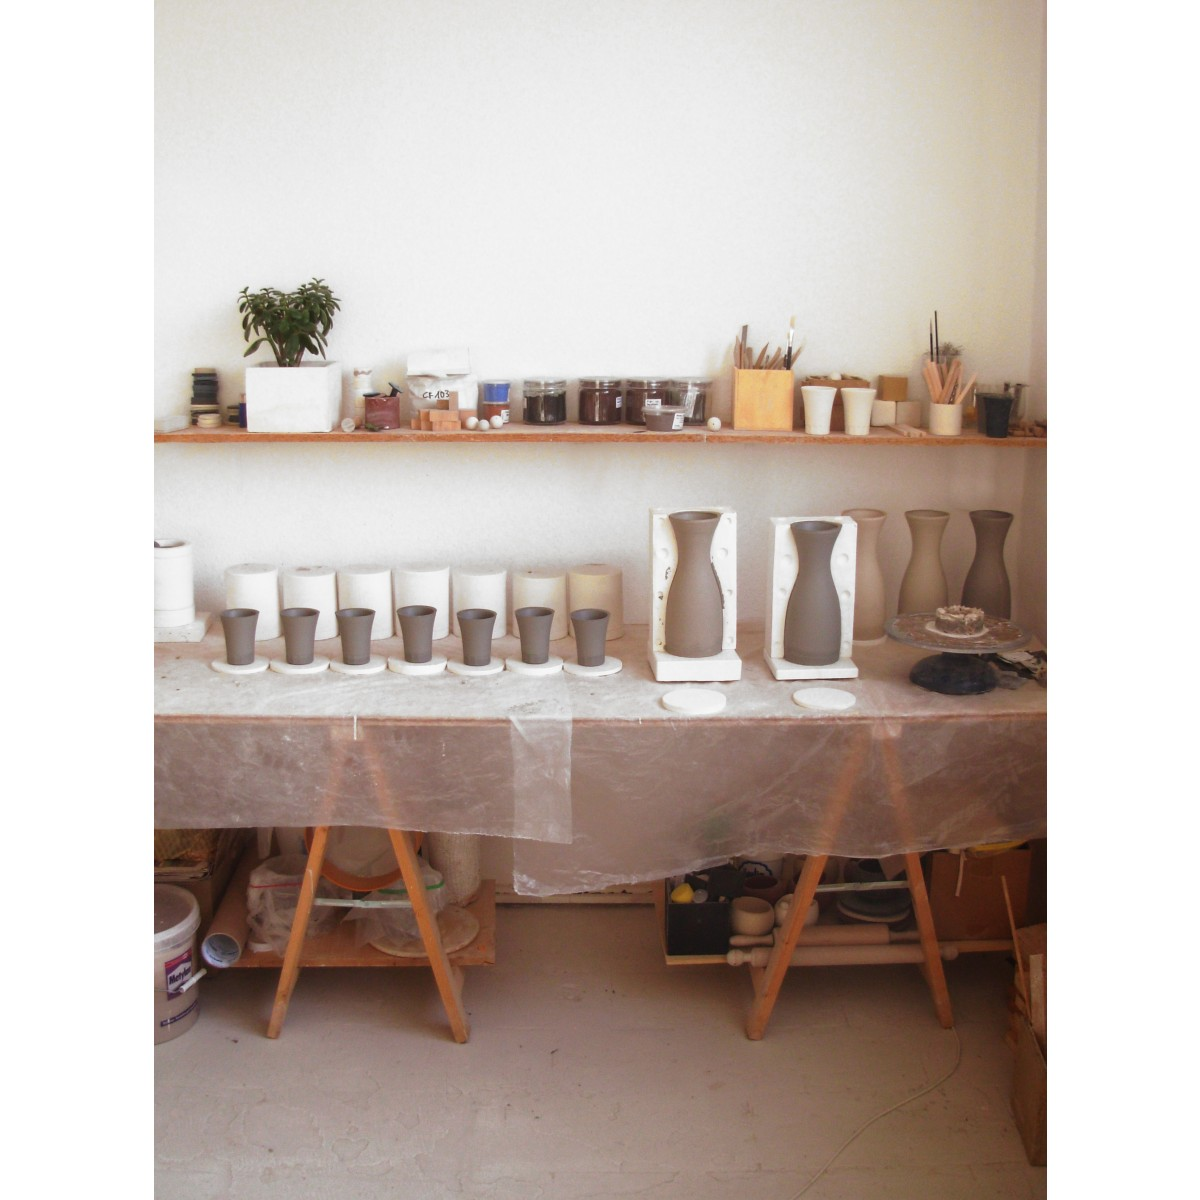 MONDOCUBO POSITANO Komplettes Set aus Porzellan (weiß) 1 Karaffe + 4 Becher + 4 Espressotasse